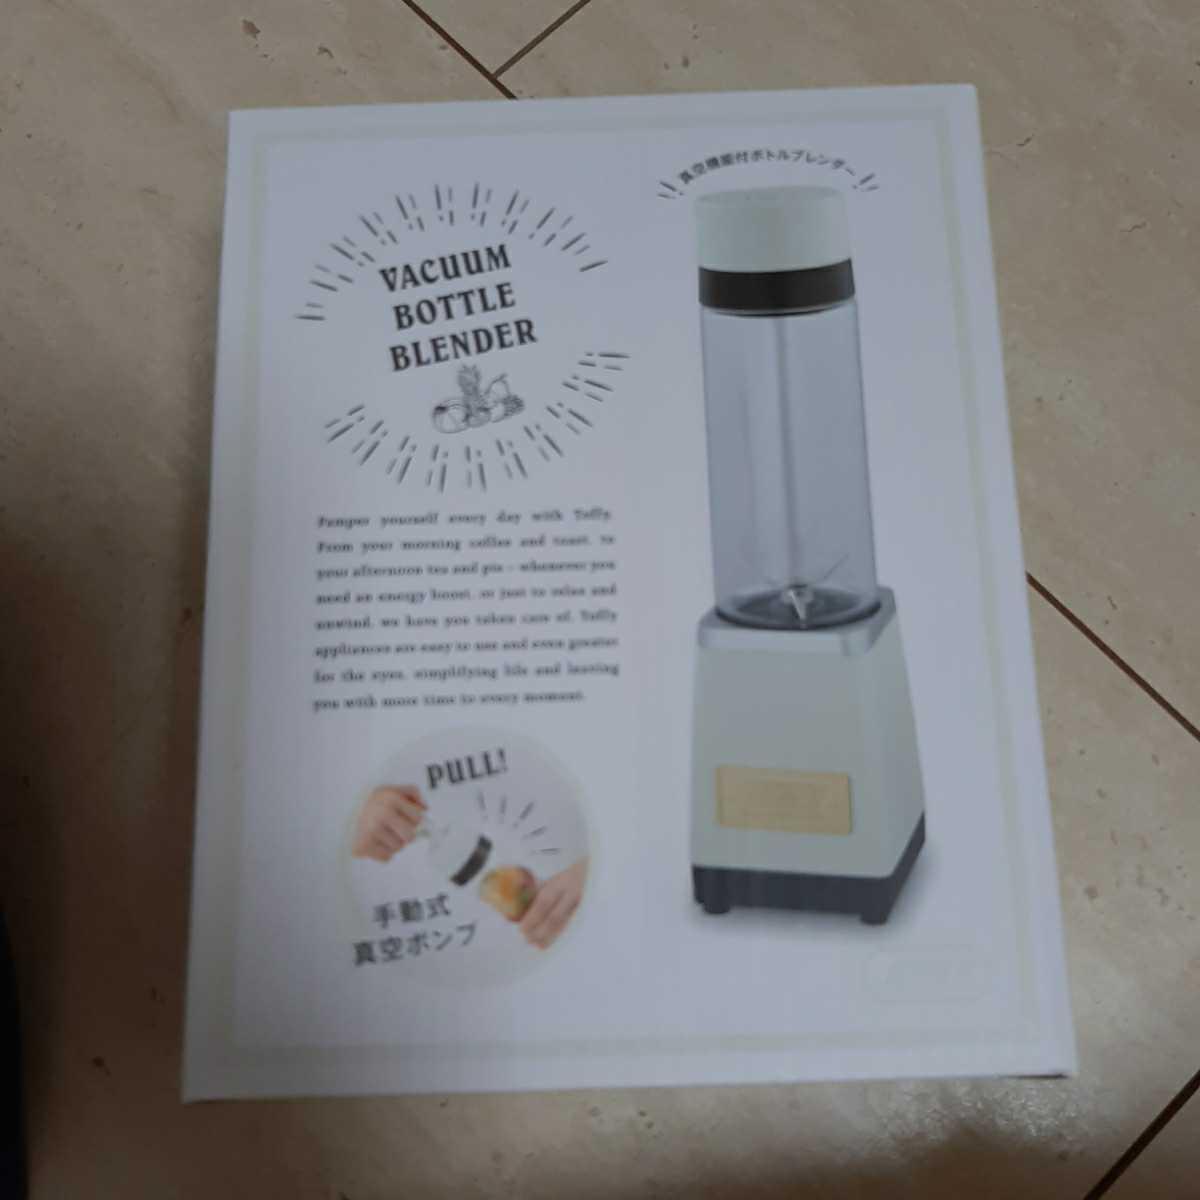 送料無料 新品未使用 Toffy 真空ボトルブレンダー K-BD2 アッシュホワイト 本体価格4,380円+消費税